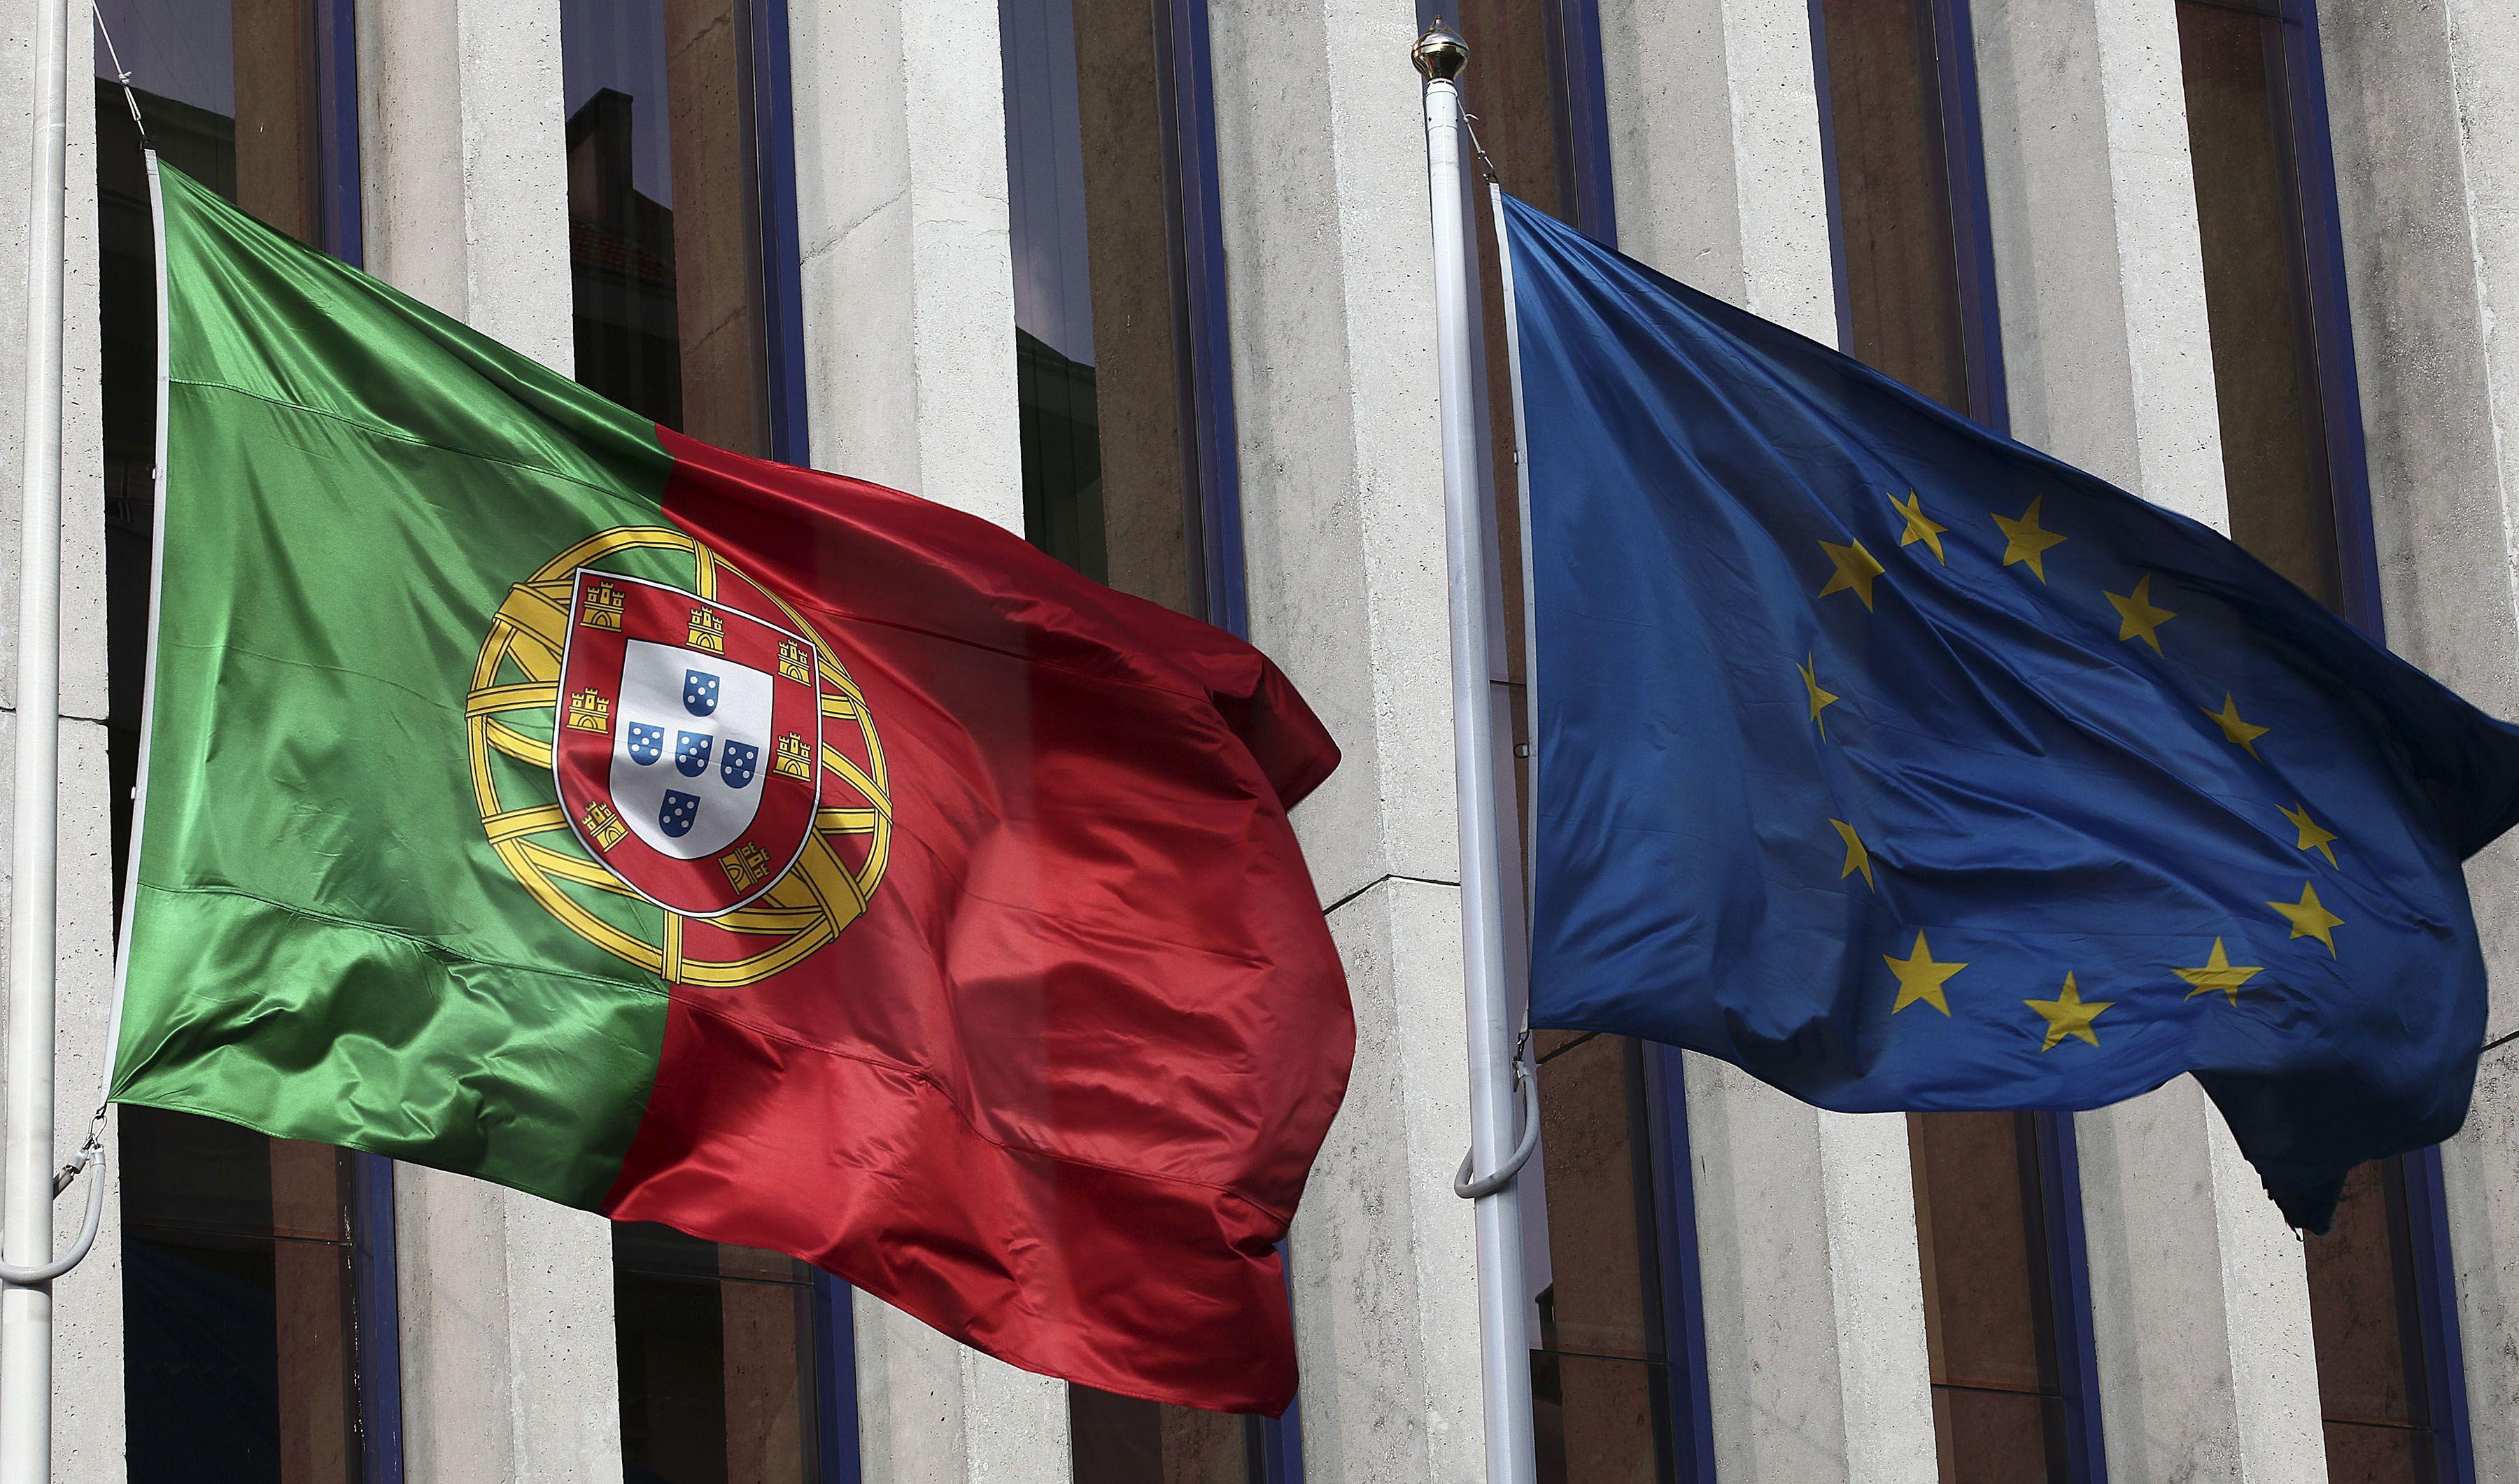 Dívida pública com forte recuo em Portugal mas ainda a 3.ª maior na UE no 2.º trimestre